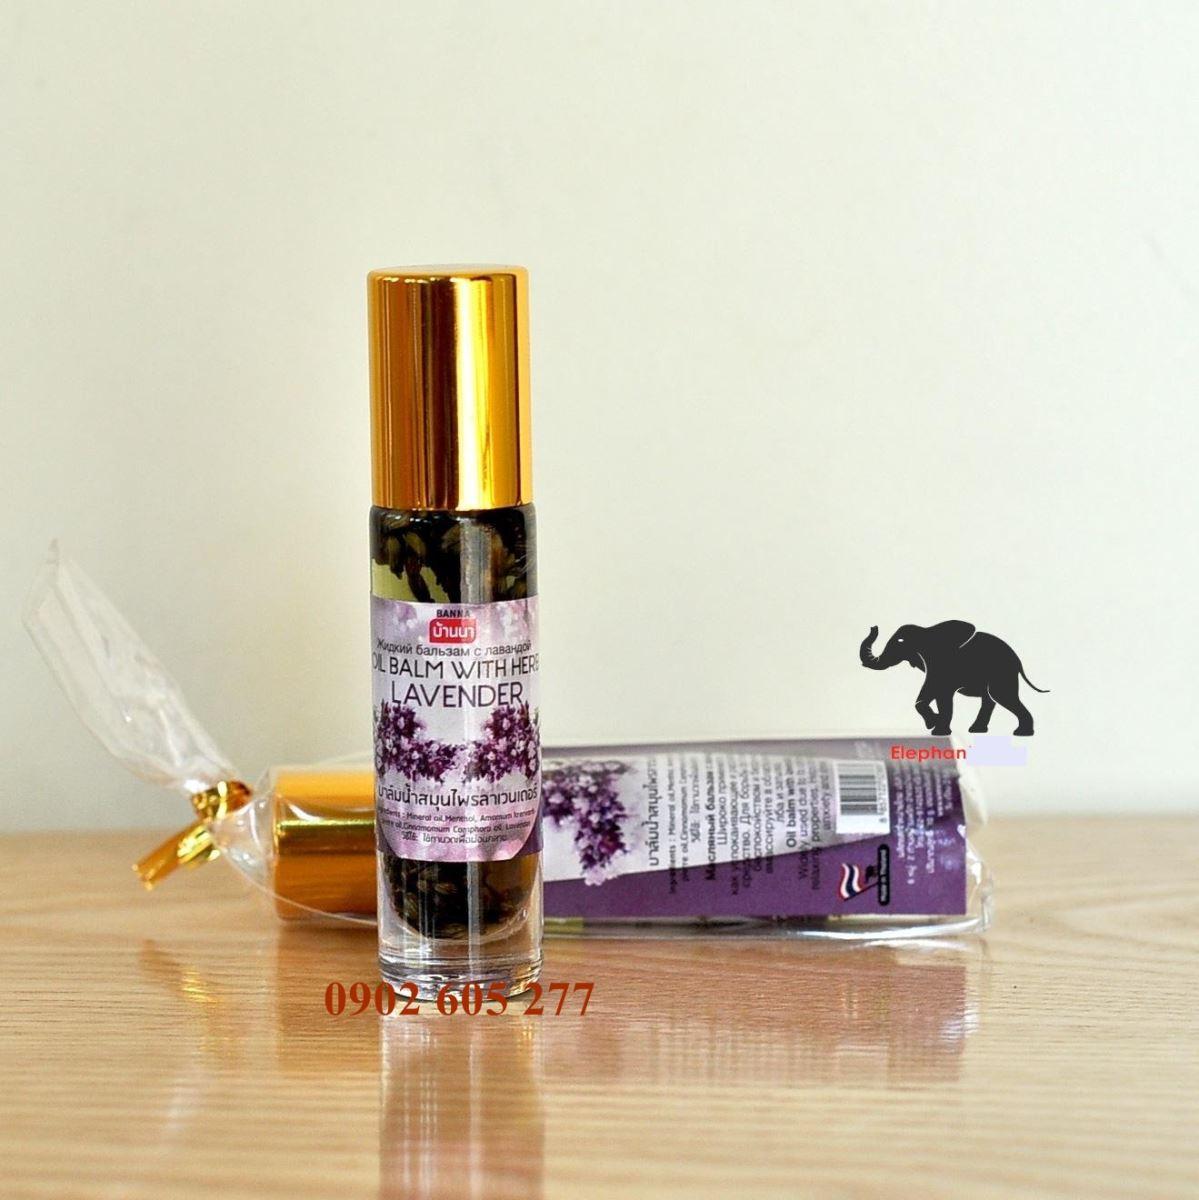 Công dụng của dầu lăn thảo dược lavender – Cong dung cua dau lan thao duoc lavender